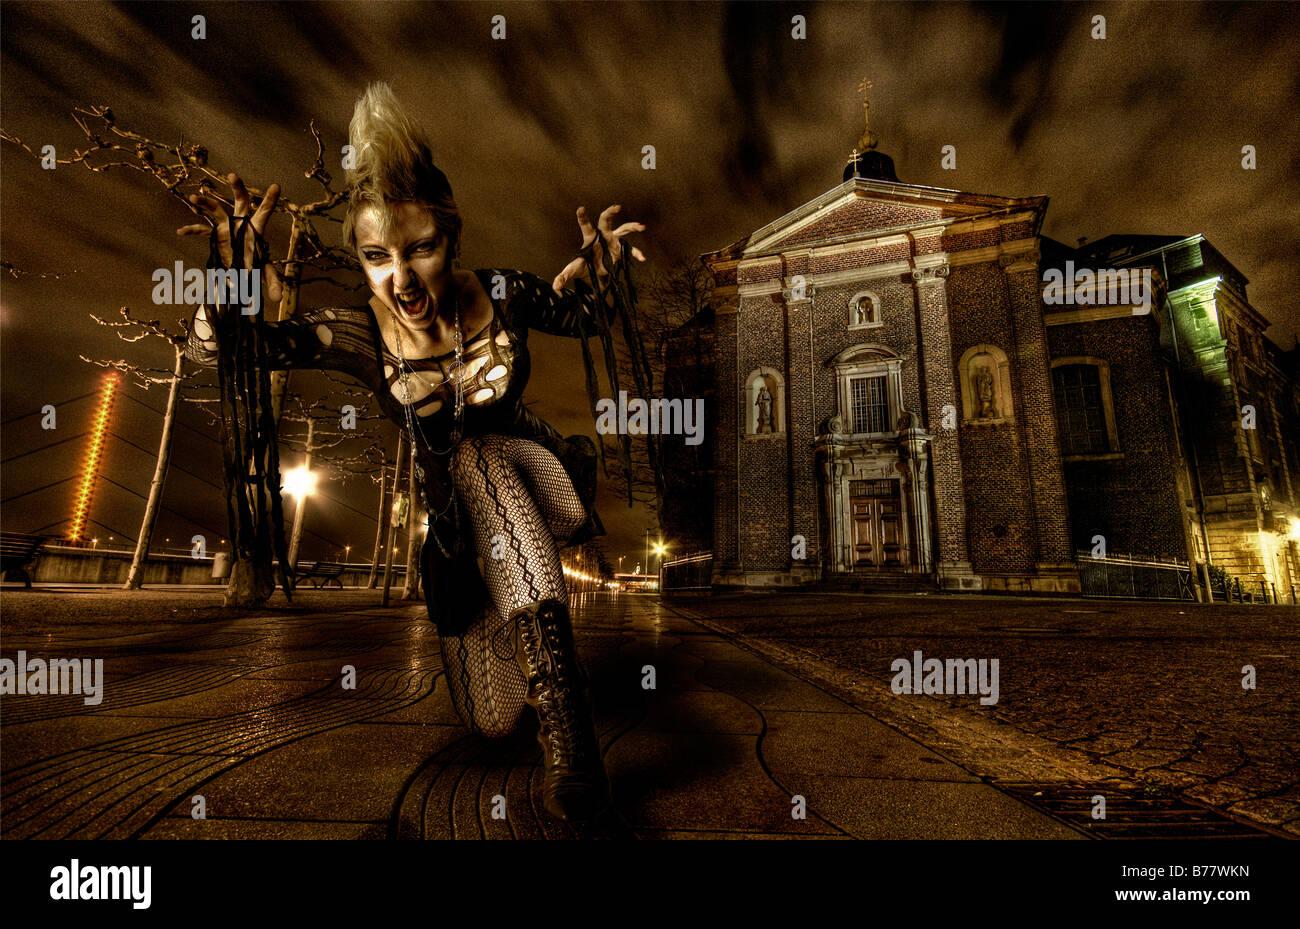 Femme vampire, fantaisie Banque D'Images